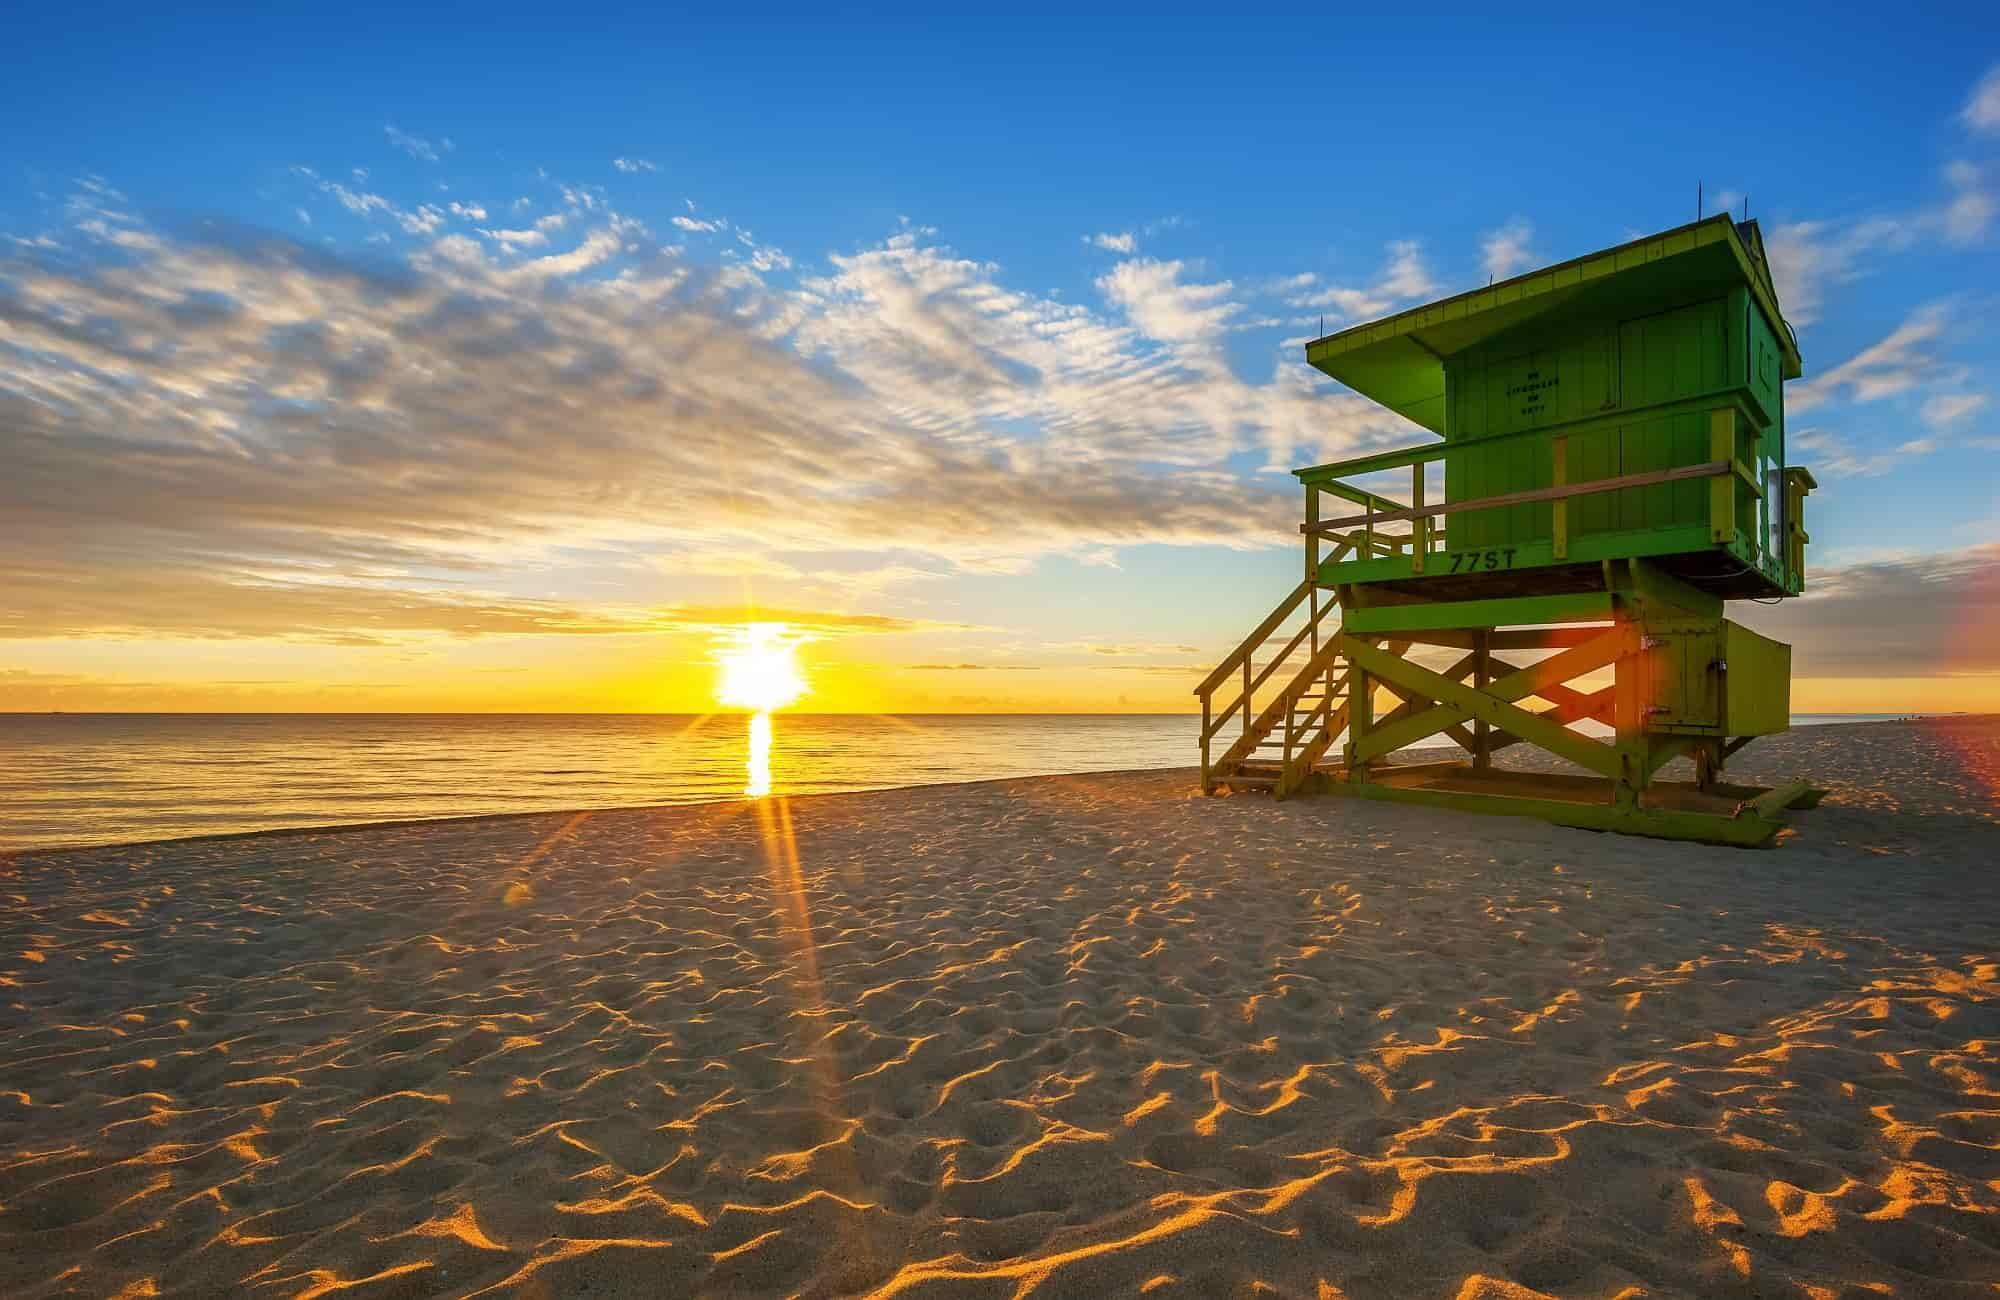 Voyage- miami beach - Amplitudes